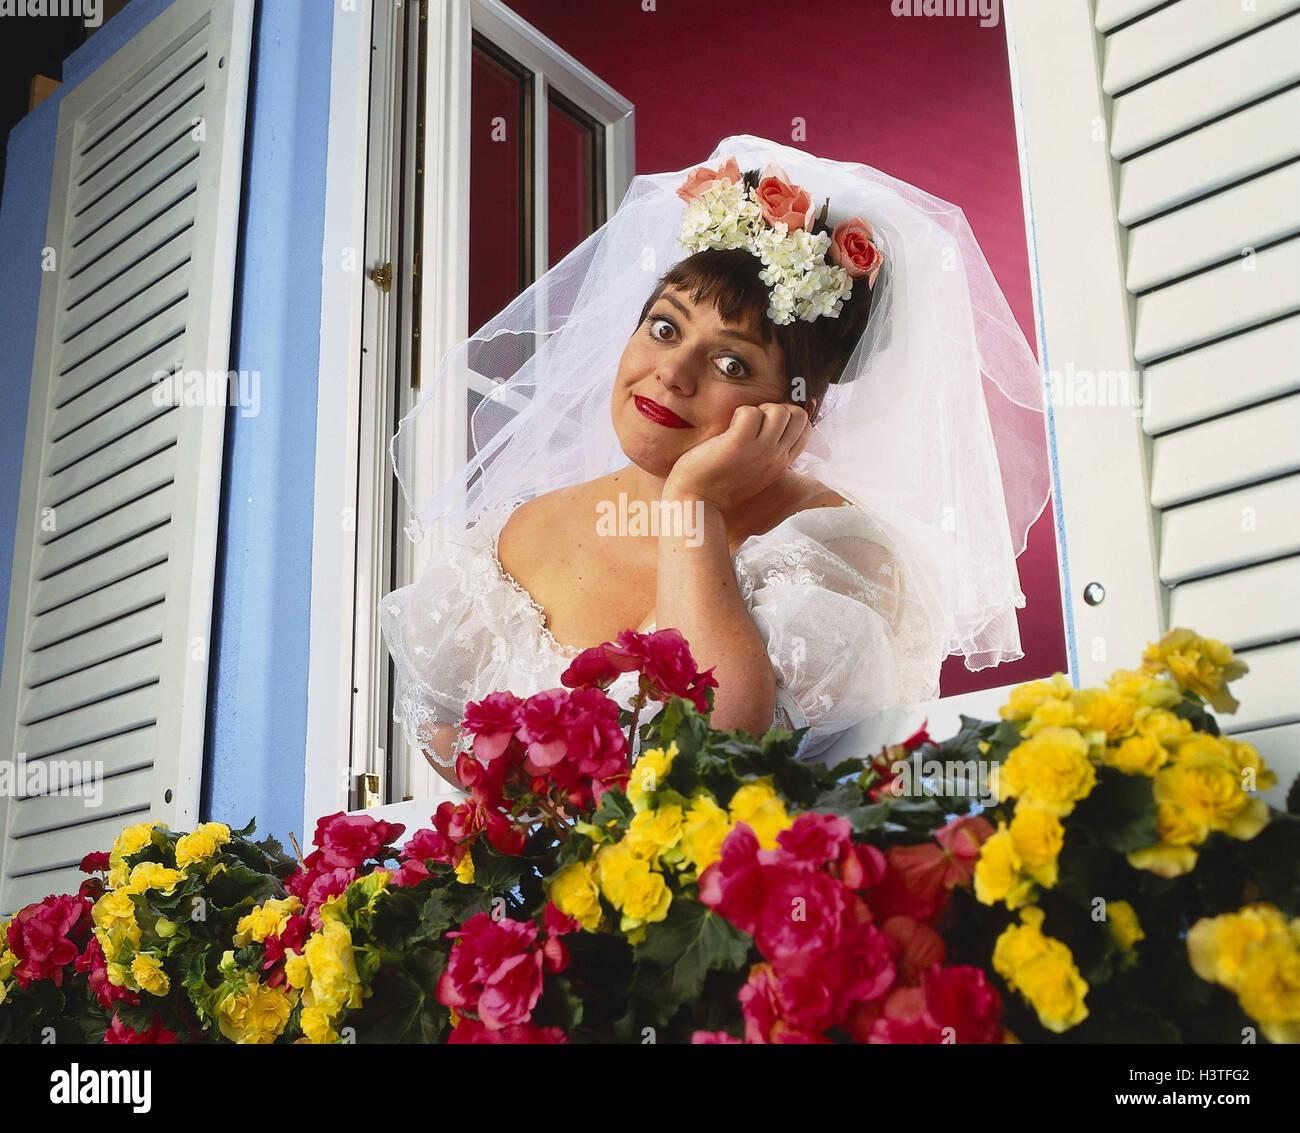 Frau heiraten suchen Sie sucht